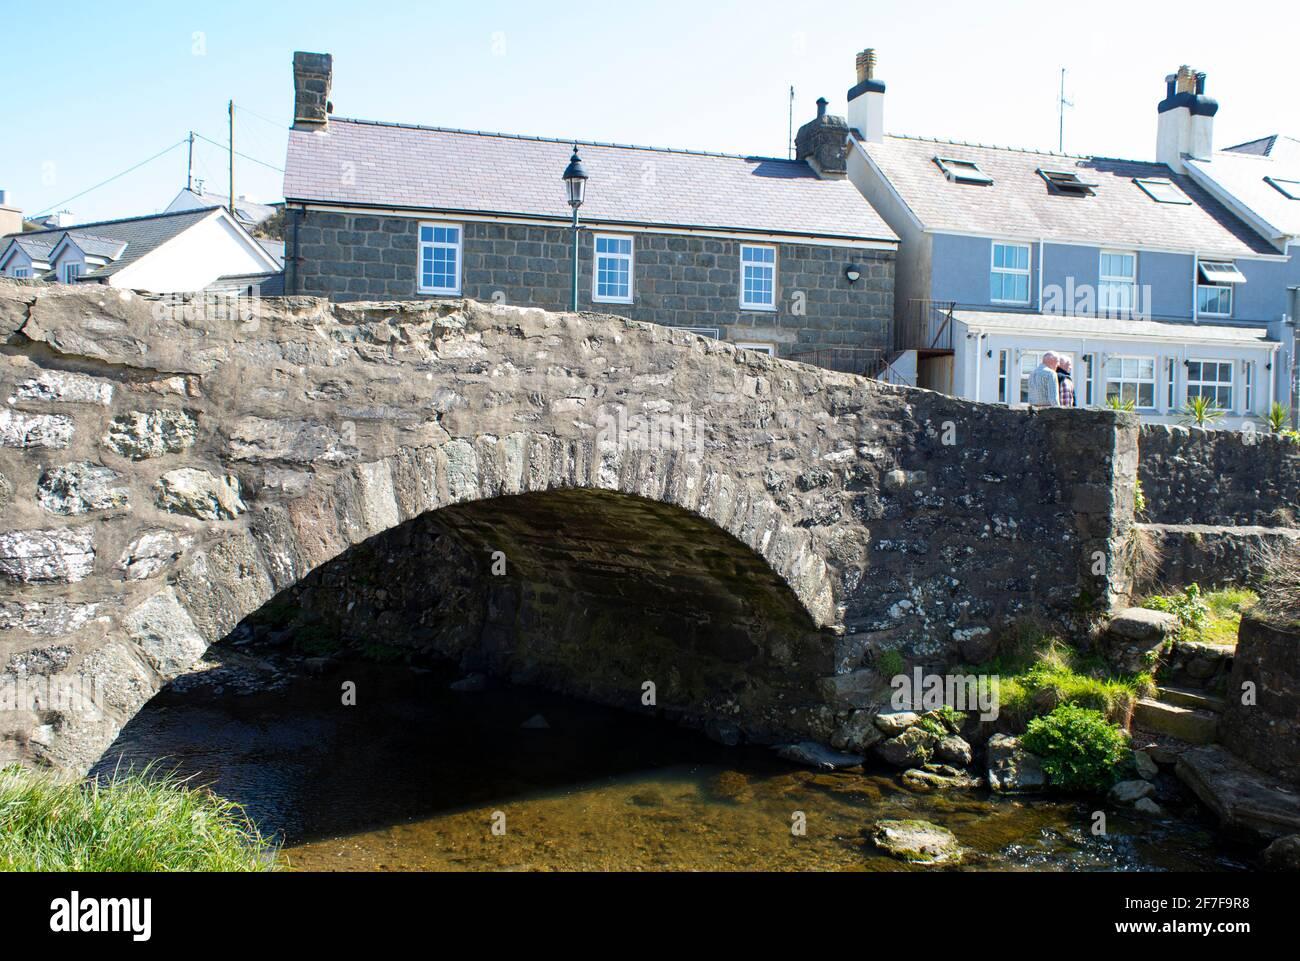 Pont en pierre, Aberdaron, pays de Galles. Paysage vue à angle bas de la traversée de la rivière dans ce charmant village gallois de bord de mer. Banque D'Images